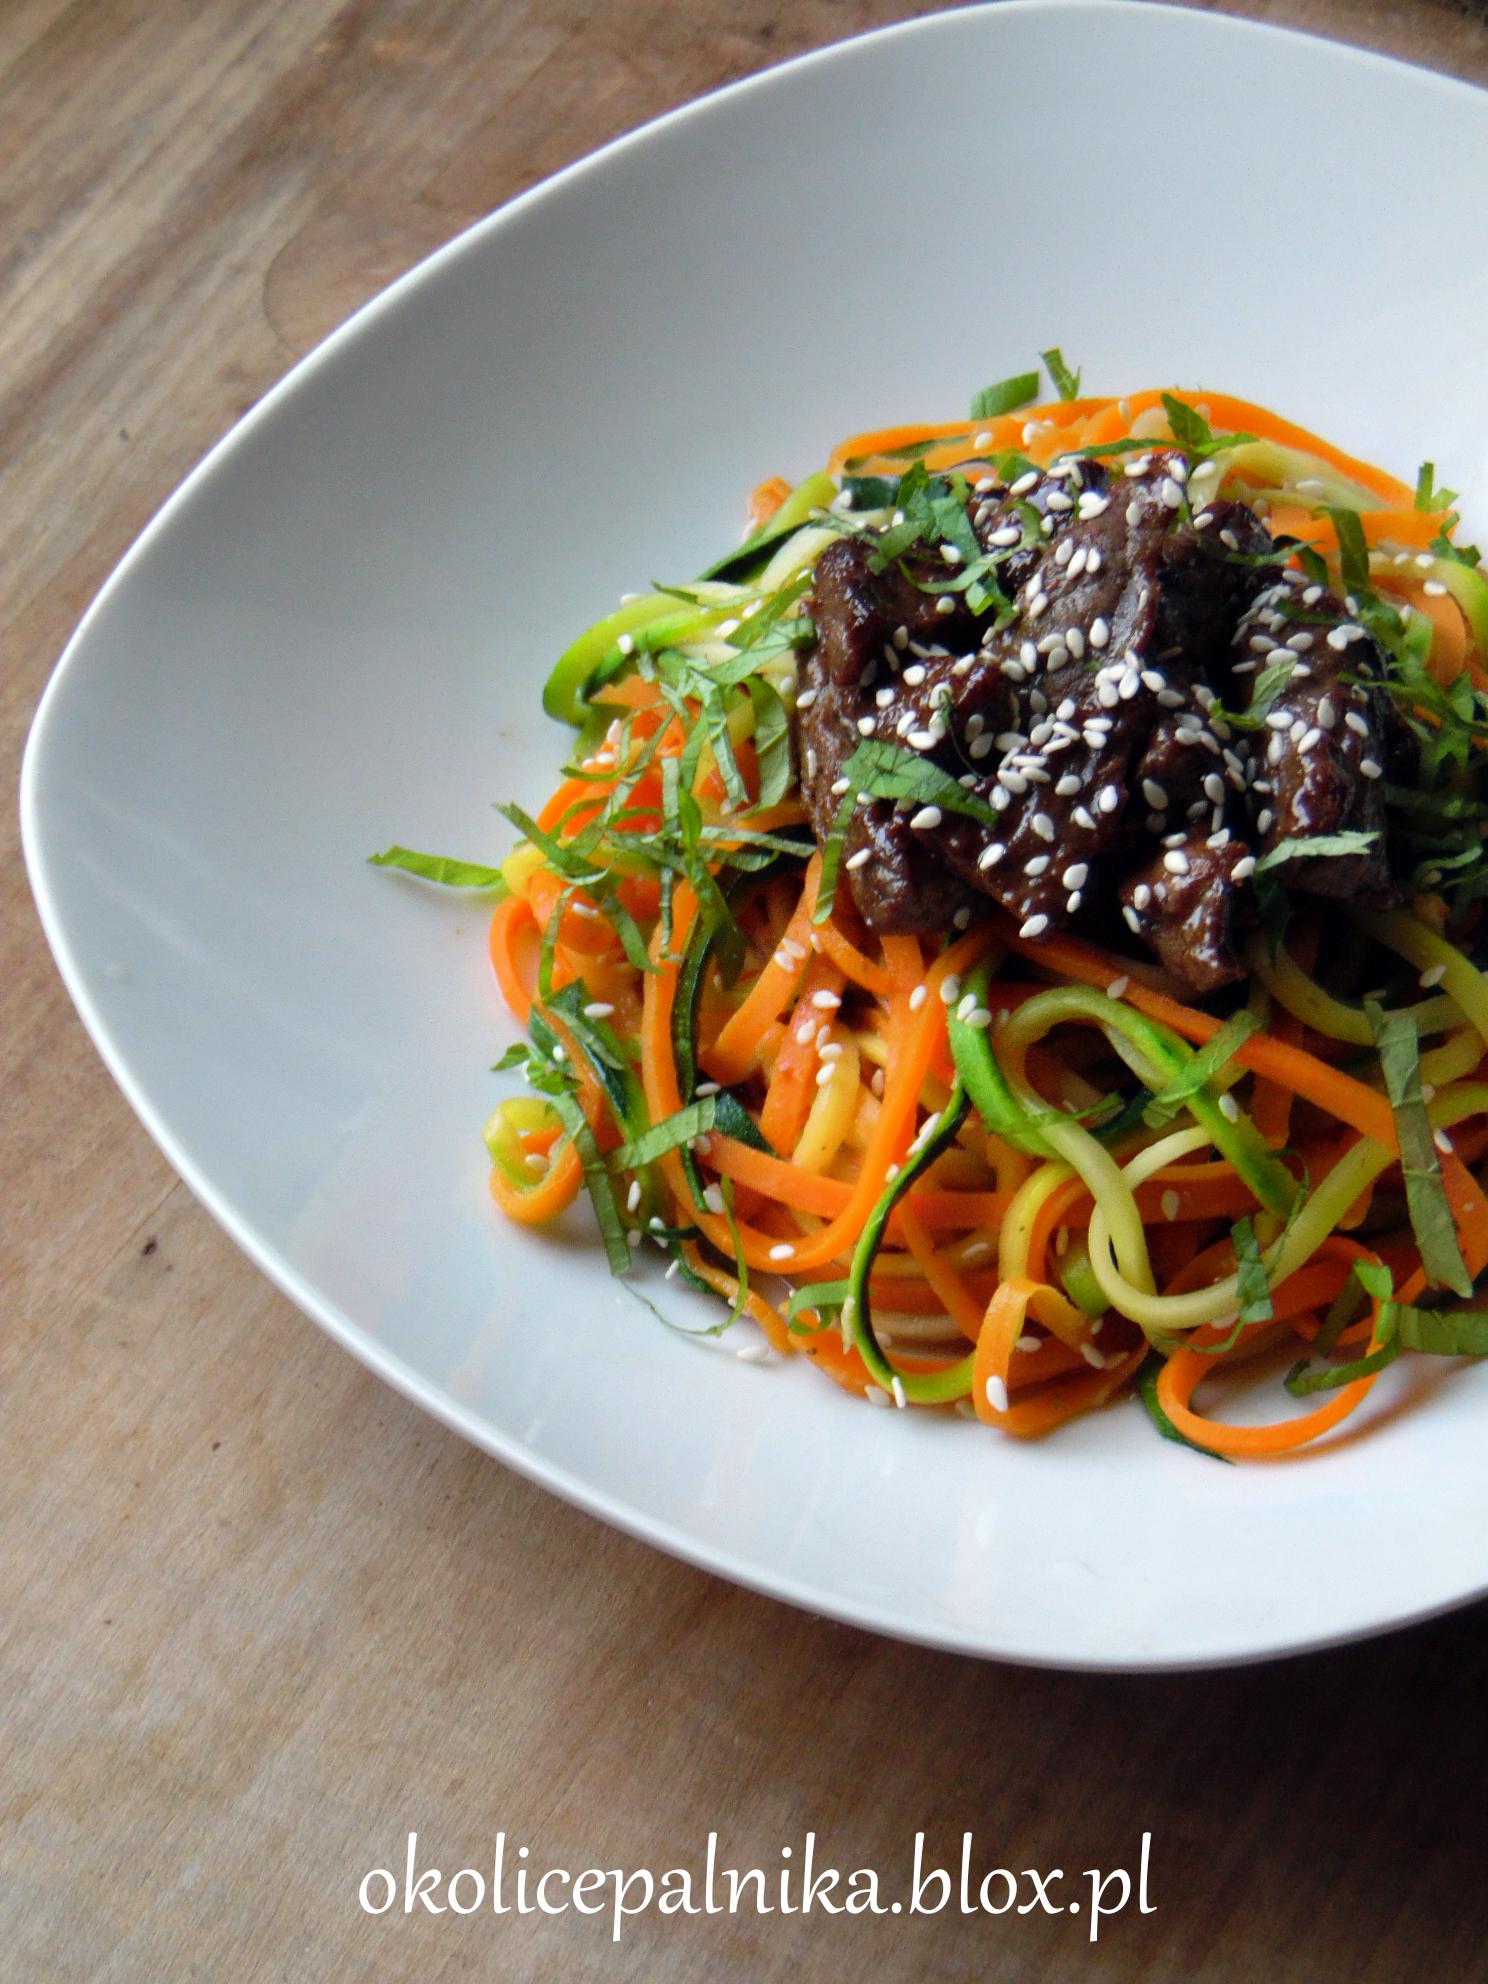 makaron z warzyw spaghetti z marchewki i cukinii, jak zrobić, przepis, szybki obiad, wołowina